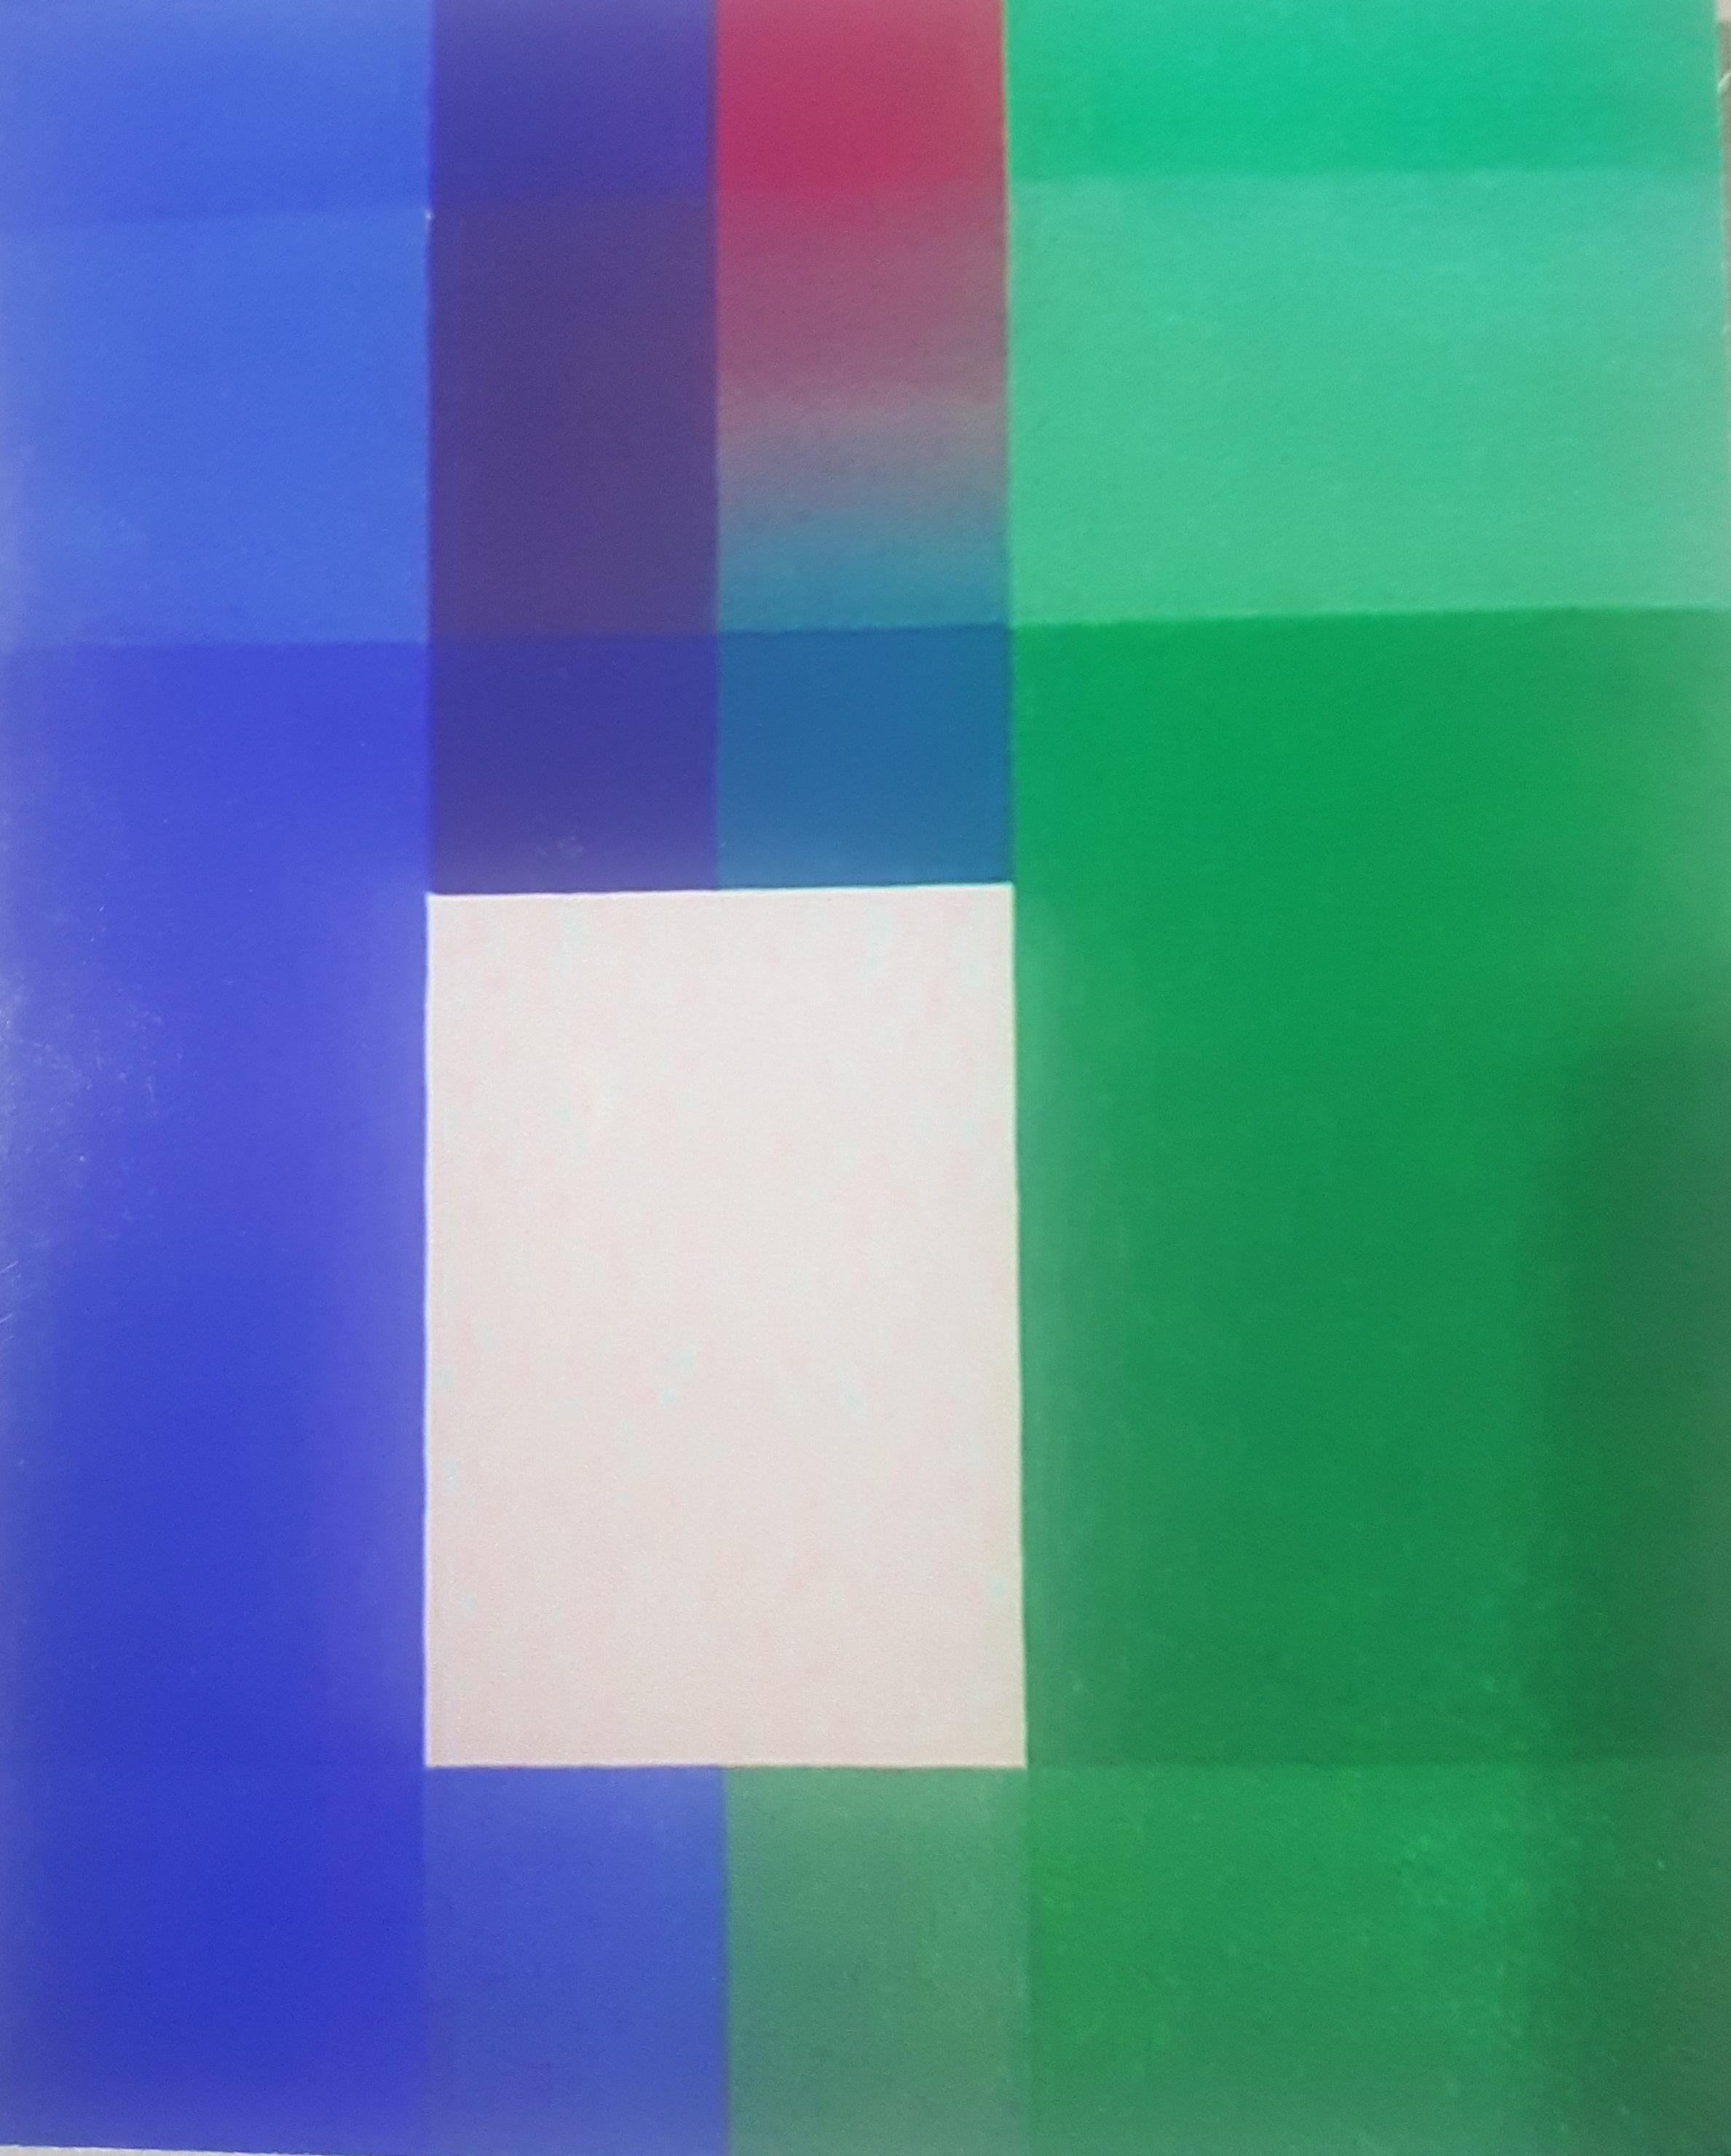 JoséMaria Dias da Cruz, Sem título, óleo sobre tela, 50 x 60 cm